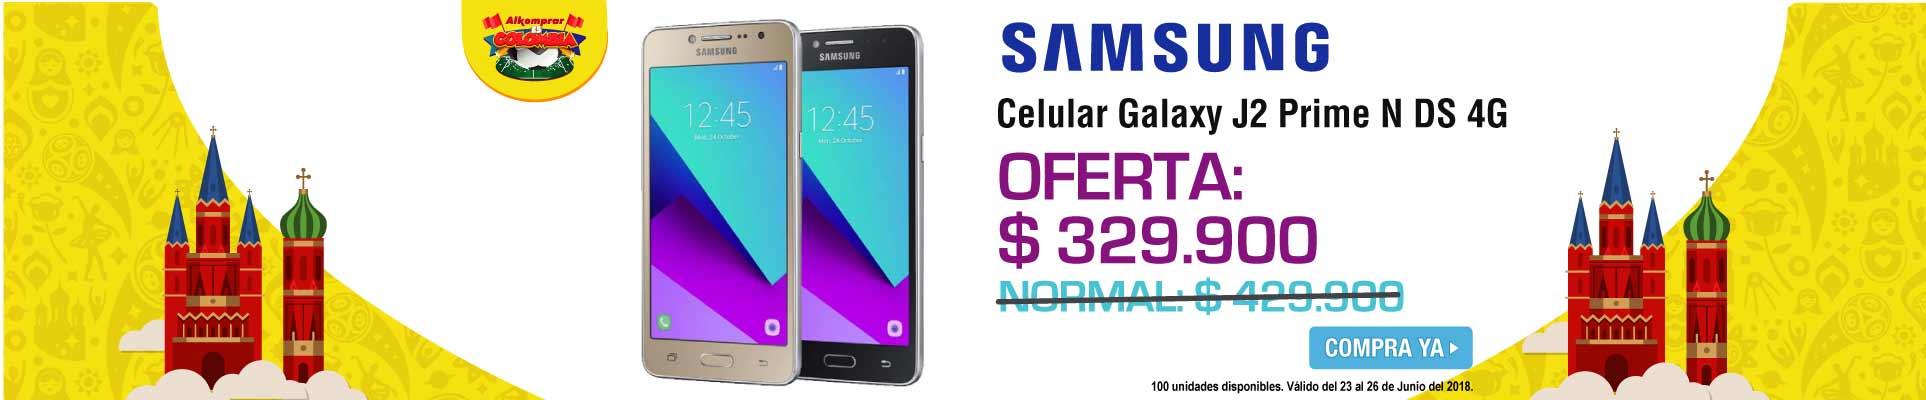 PPAL ALKP-3-celulares-Celular Libre SAMSUNG Galaxy J2 Prime N DS 4G -prod-Junio23-26